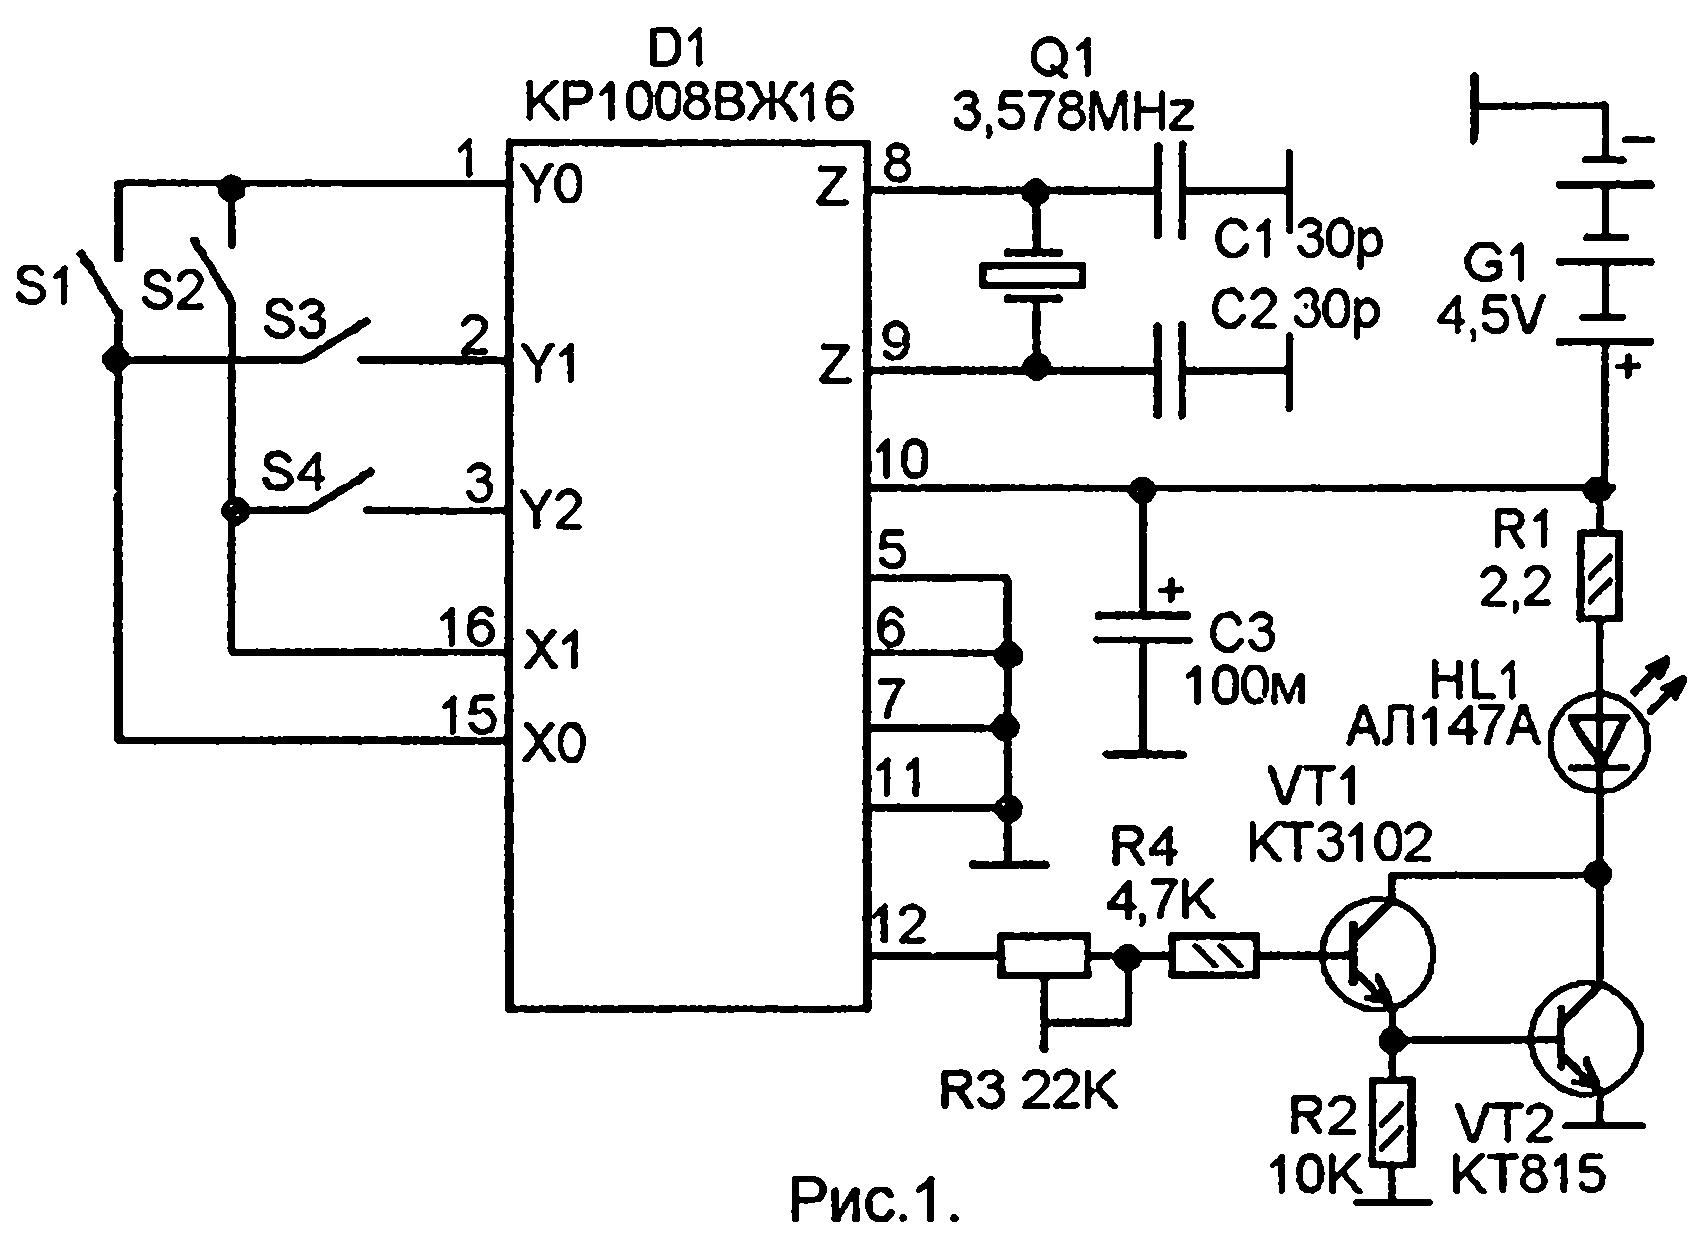 Трубка для прозвонки линии схема